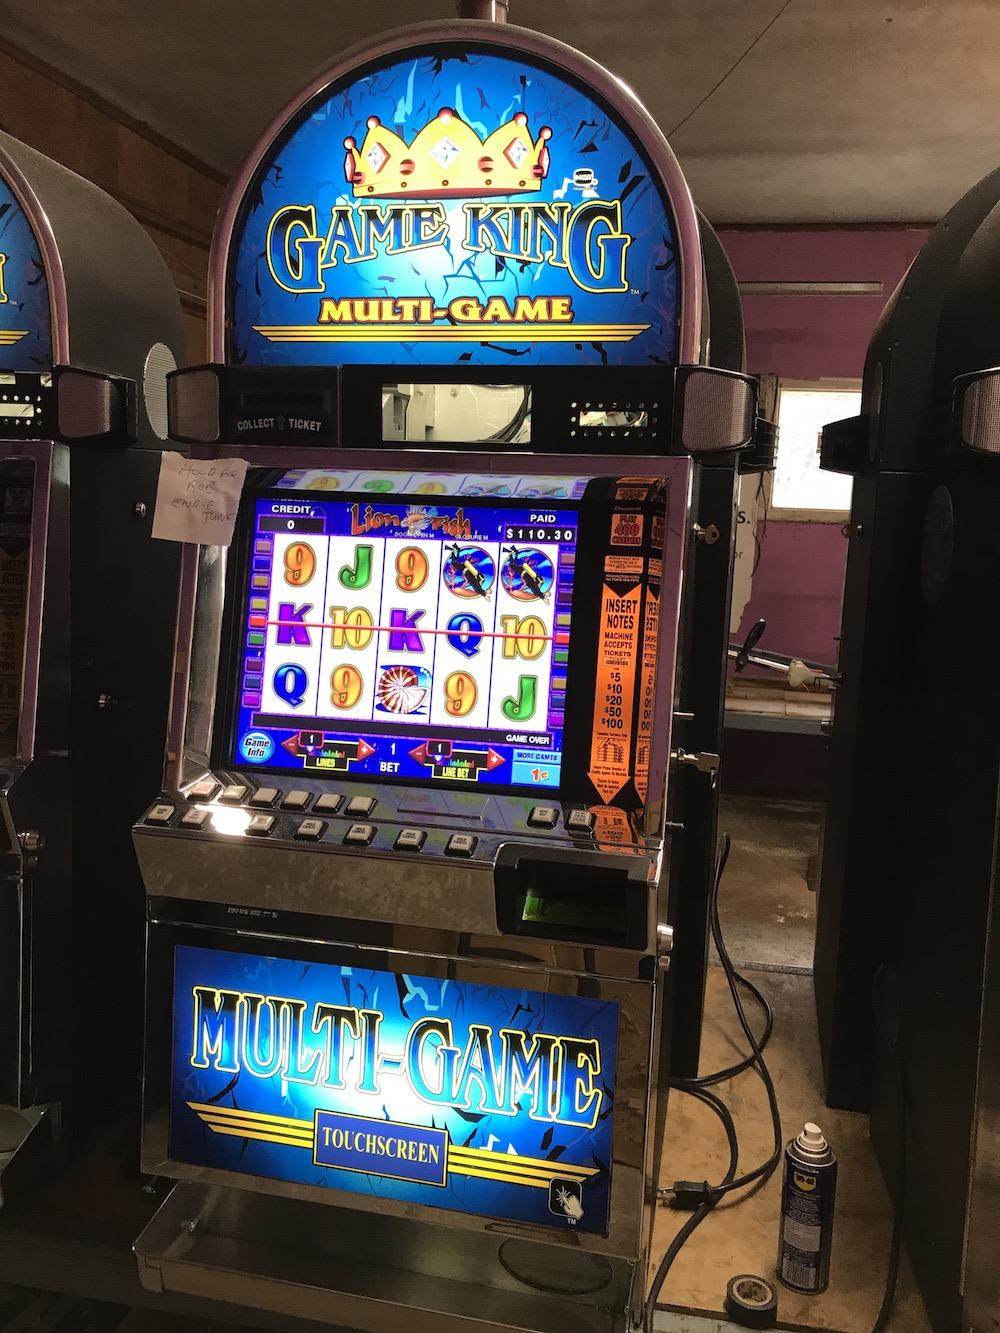 Game King: $2450.00